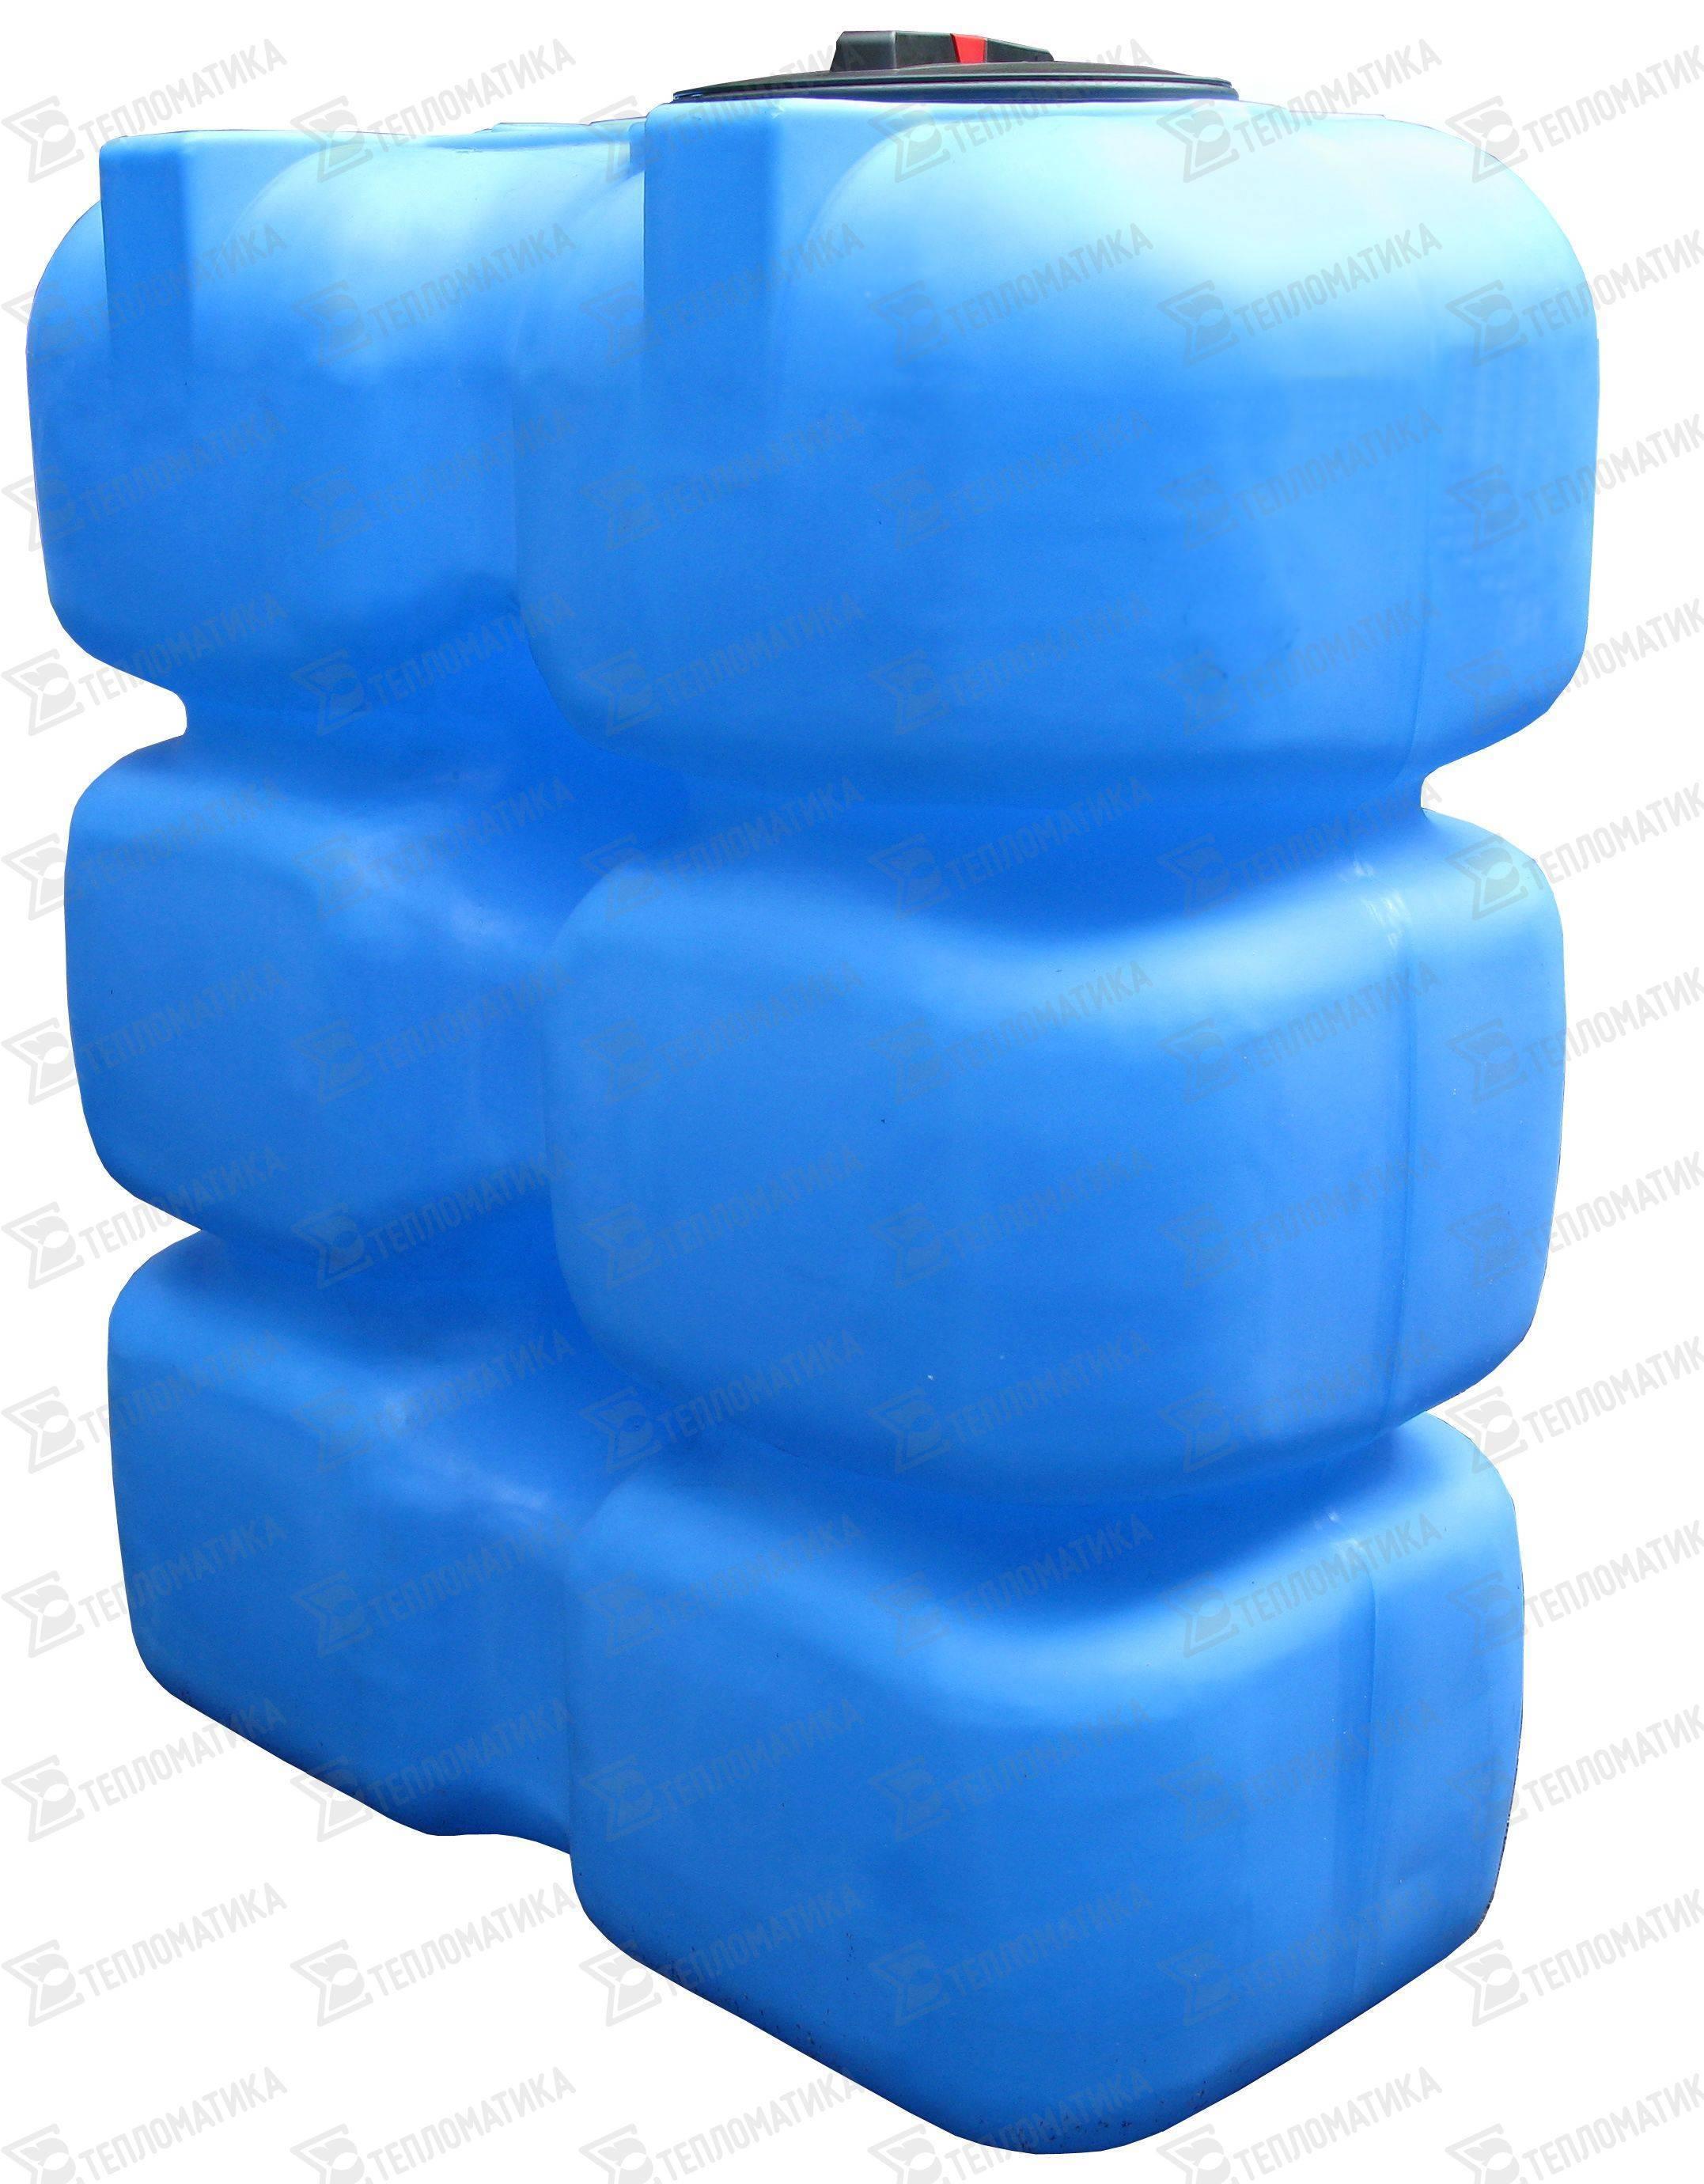 Пластиковая накопительная емкость для канализации: виды, модели и цена +видео